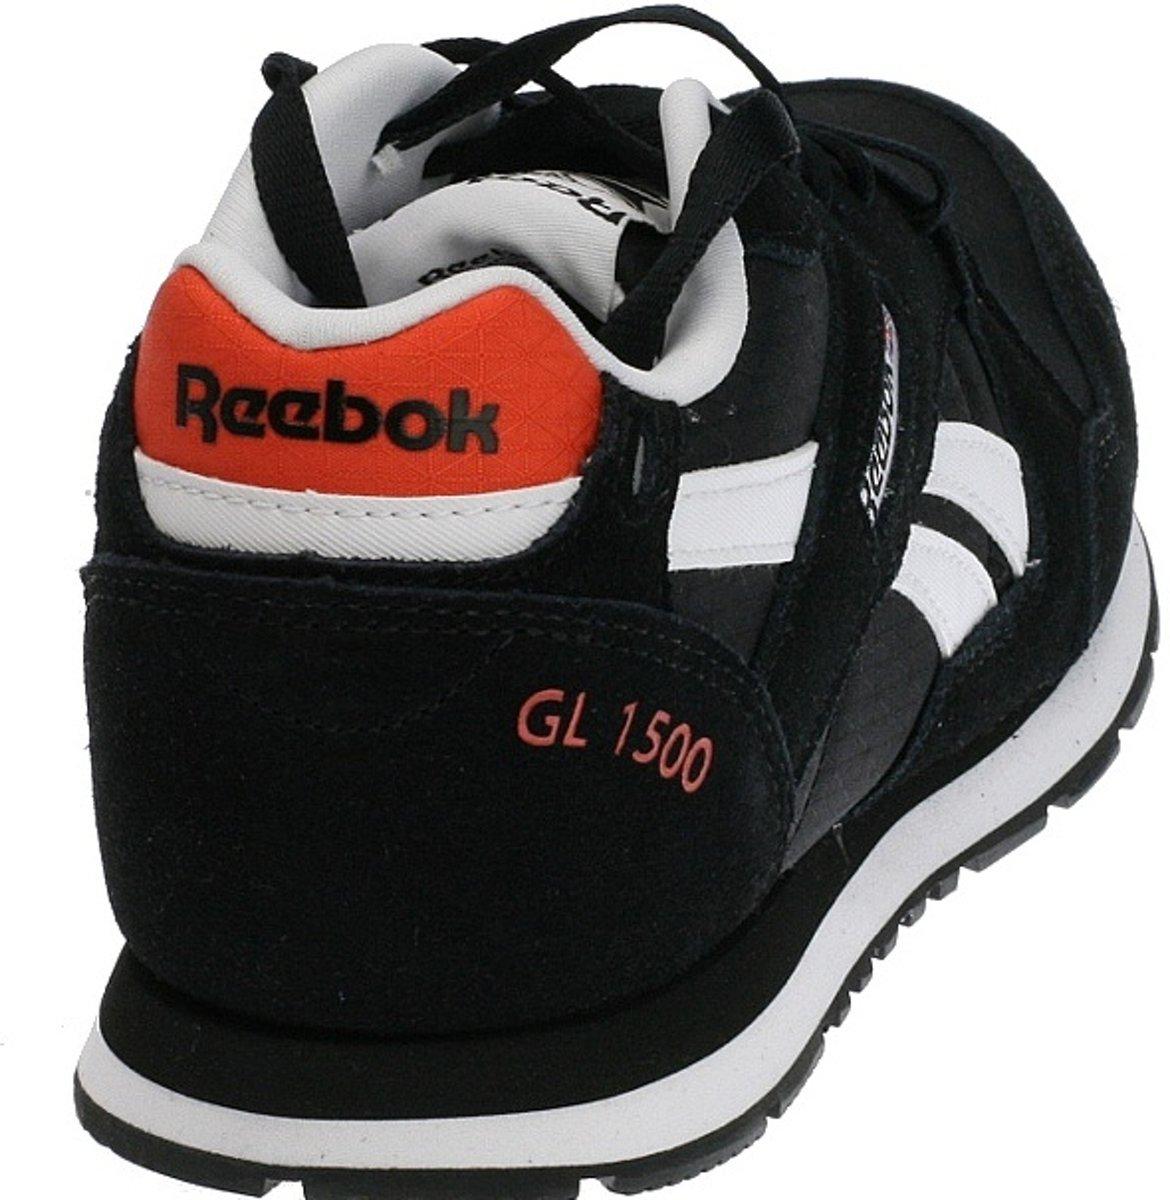 Les Chaussures De Sport Reebok Gl 1500 Femmes Noir Taille 35 qfIdWz5kN